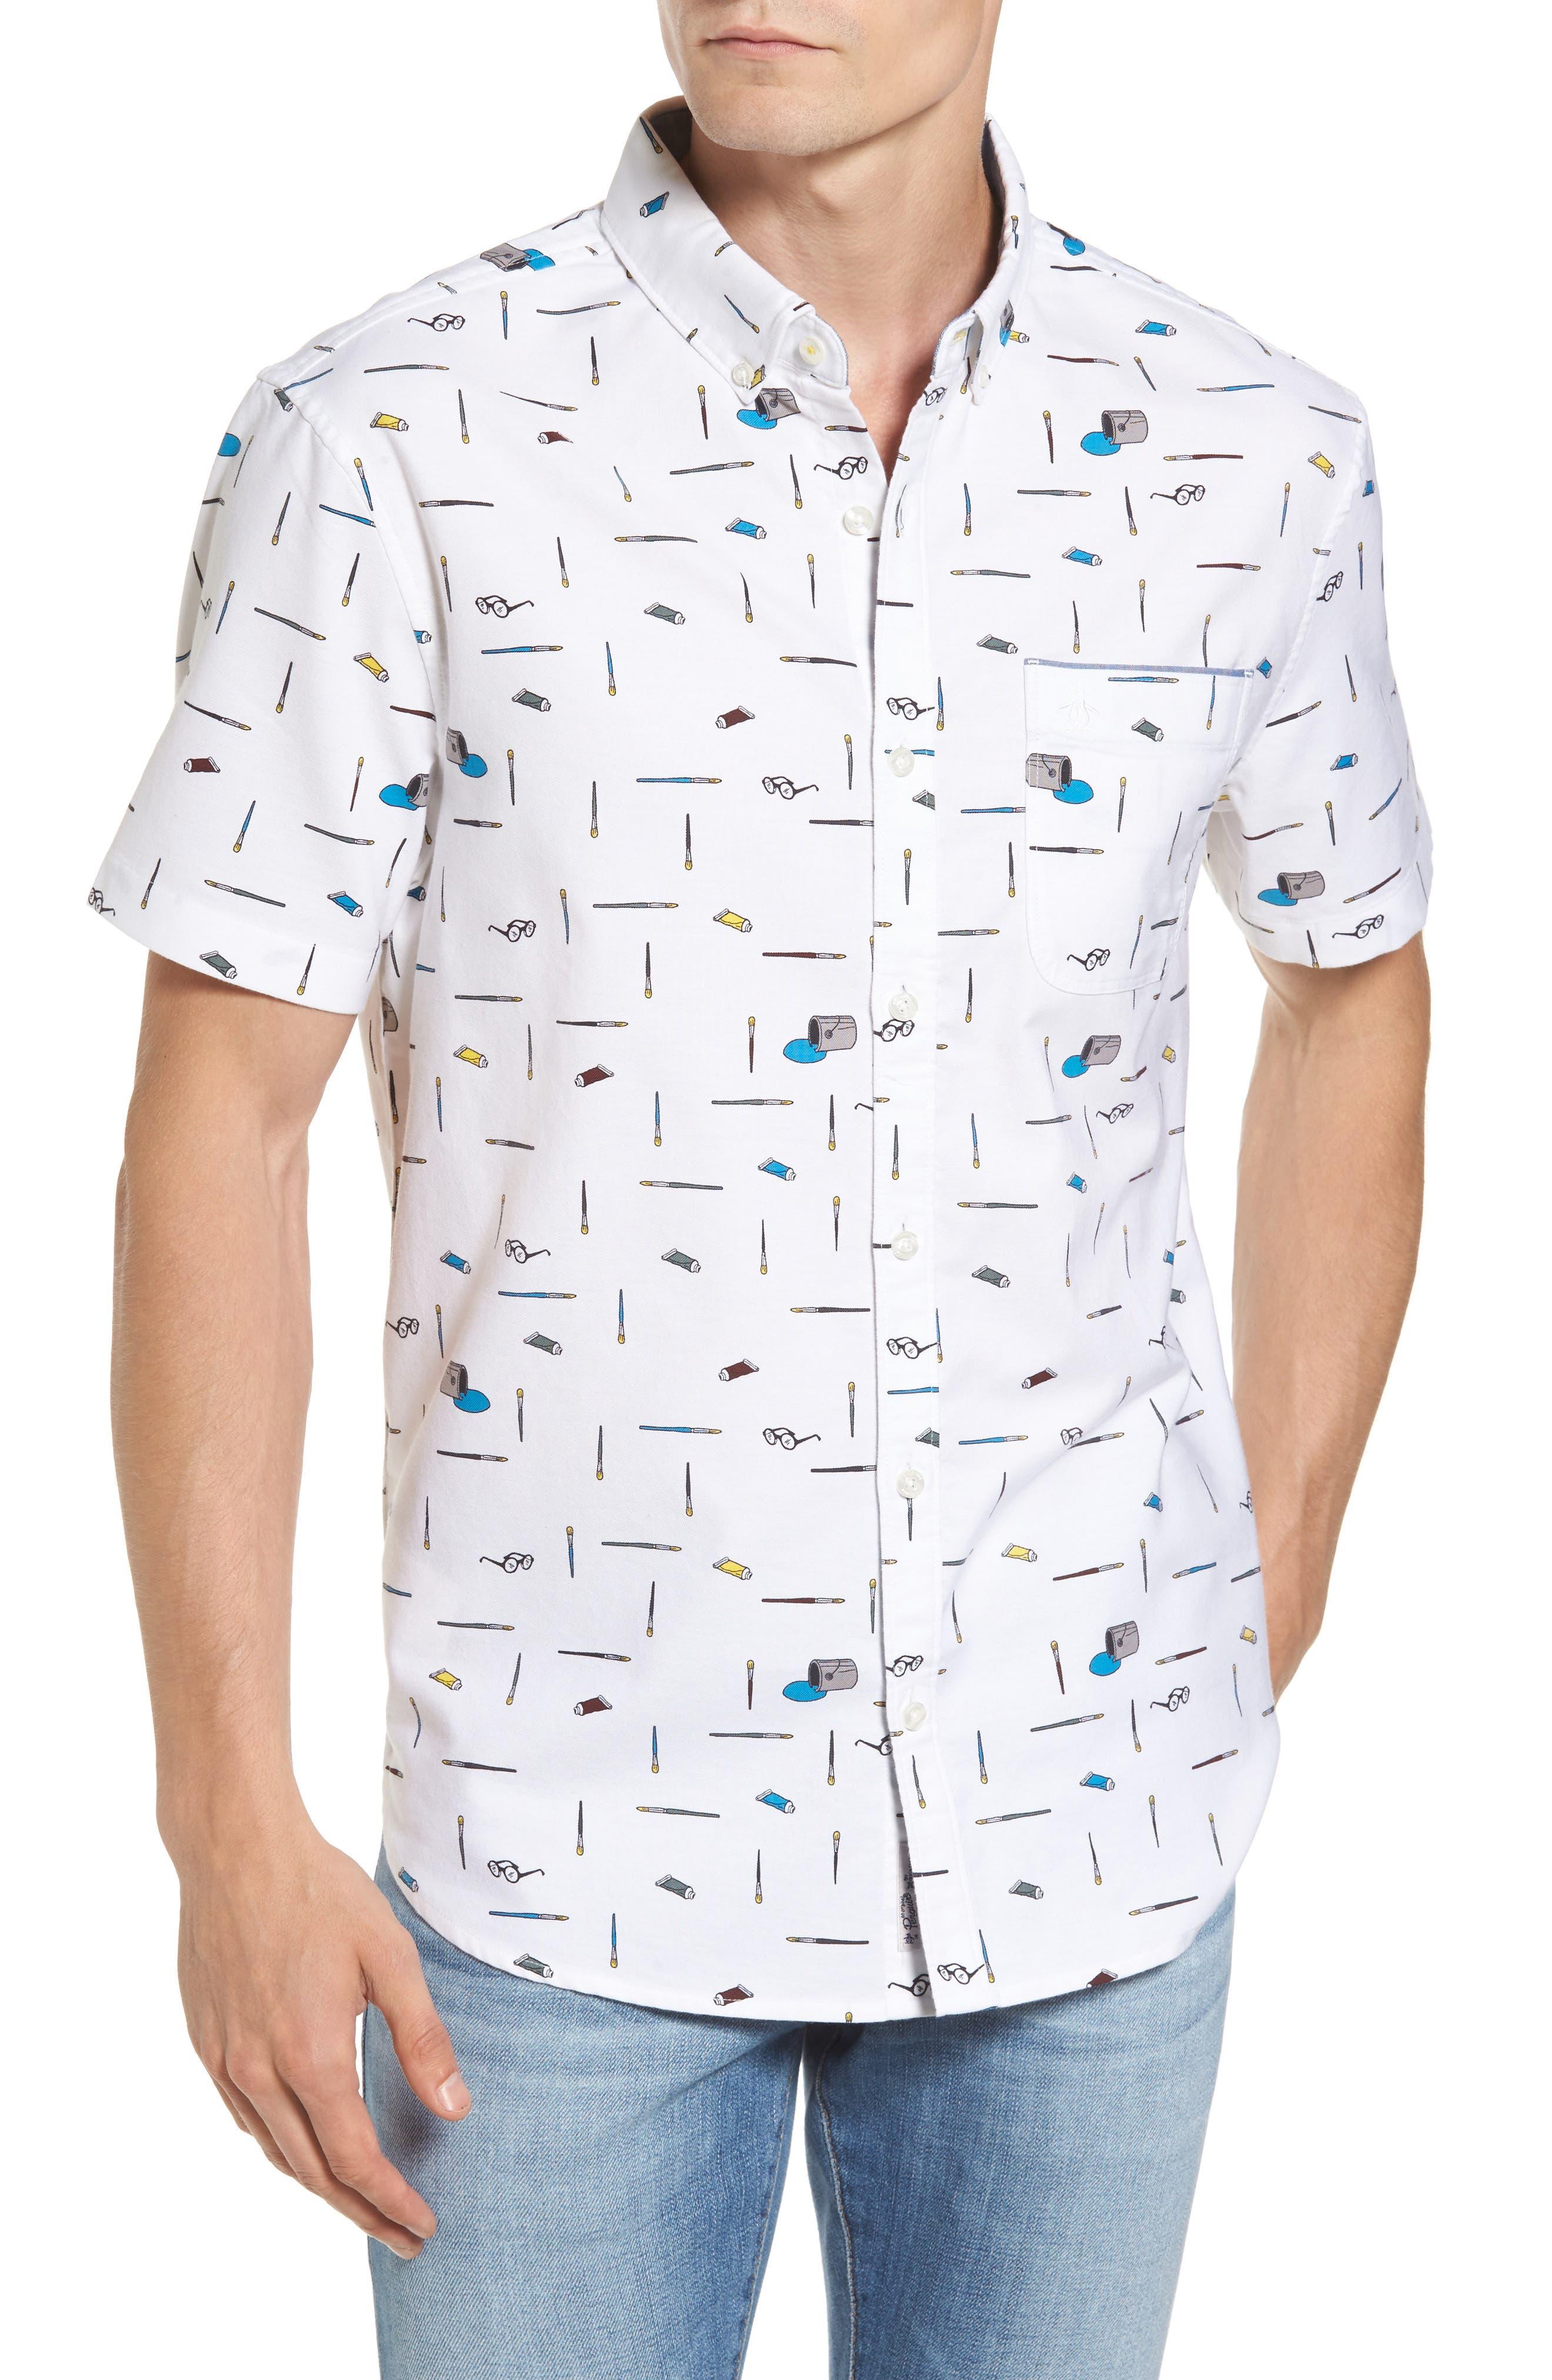 Paintbrush Pattern Woven Shirt,                             Main thumbnail 1, color,                             Bright White